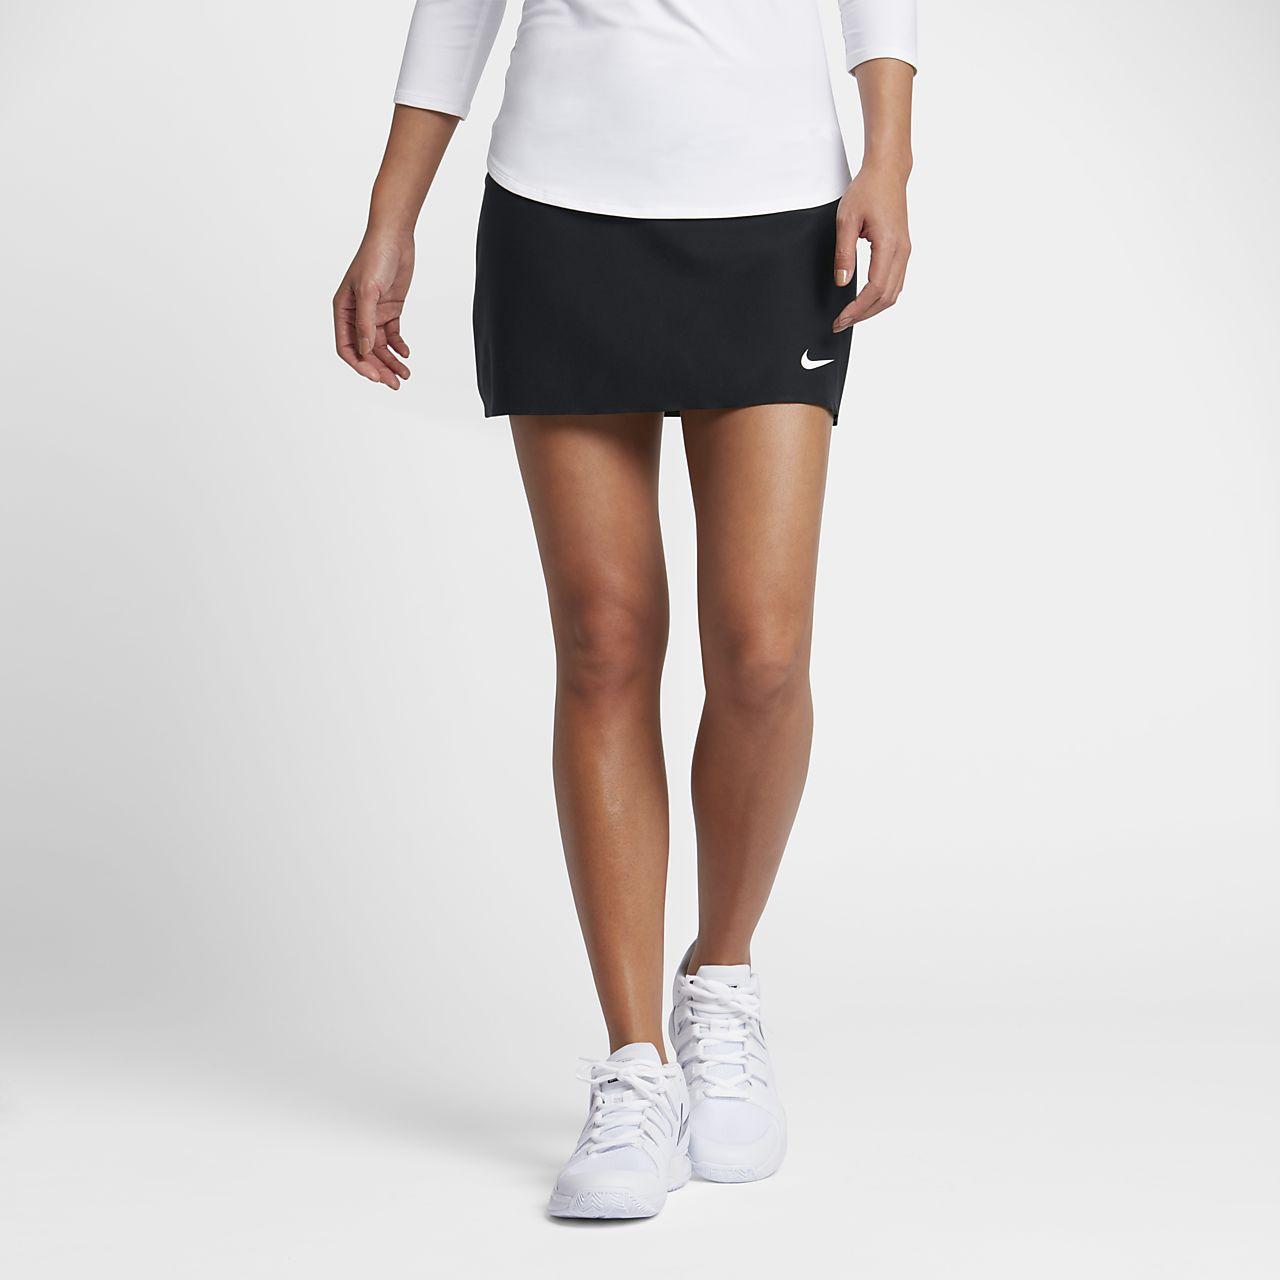 Nike court power kleid damen weib schwarz